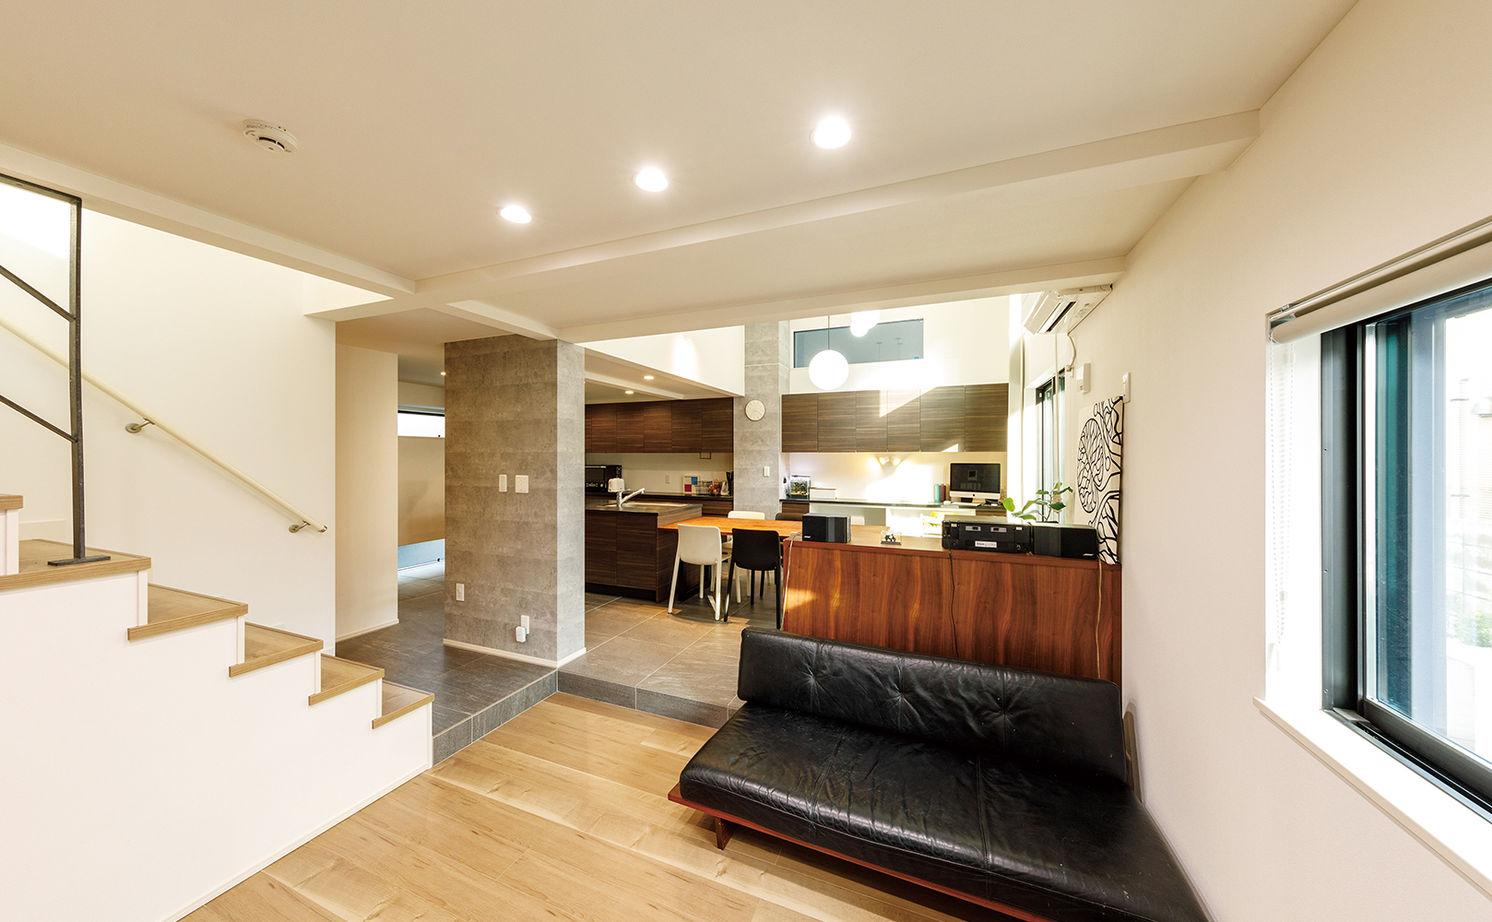 【3100万円】空間にメリハリを生む段差のある住まい。屋上や床下大収納も実現画像3